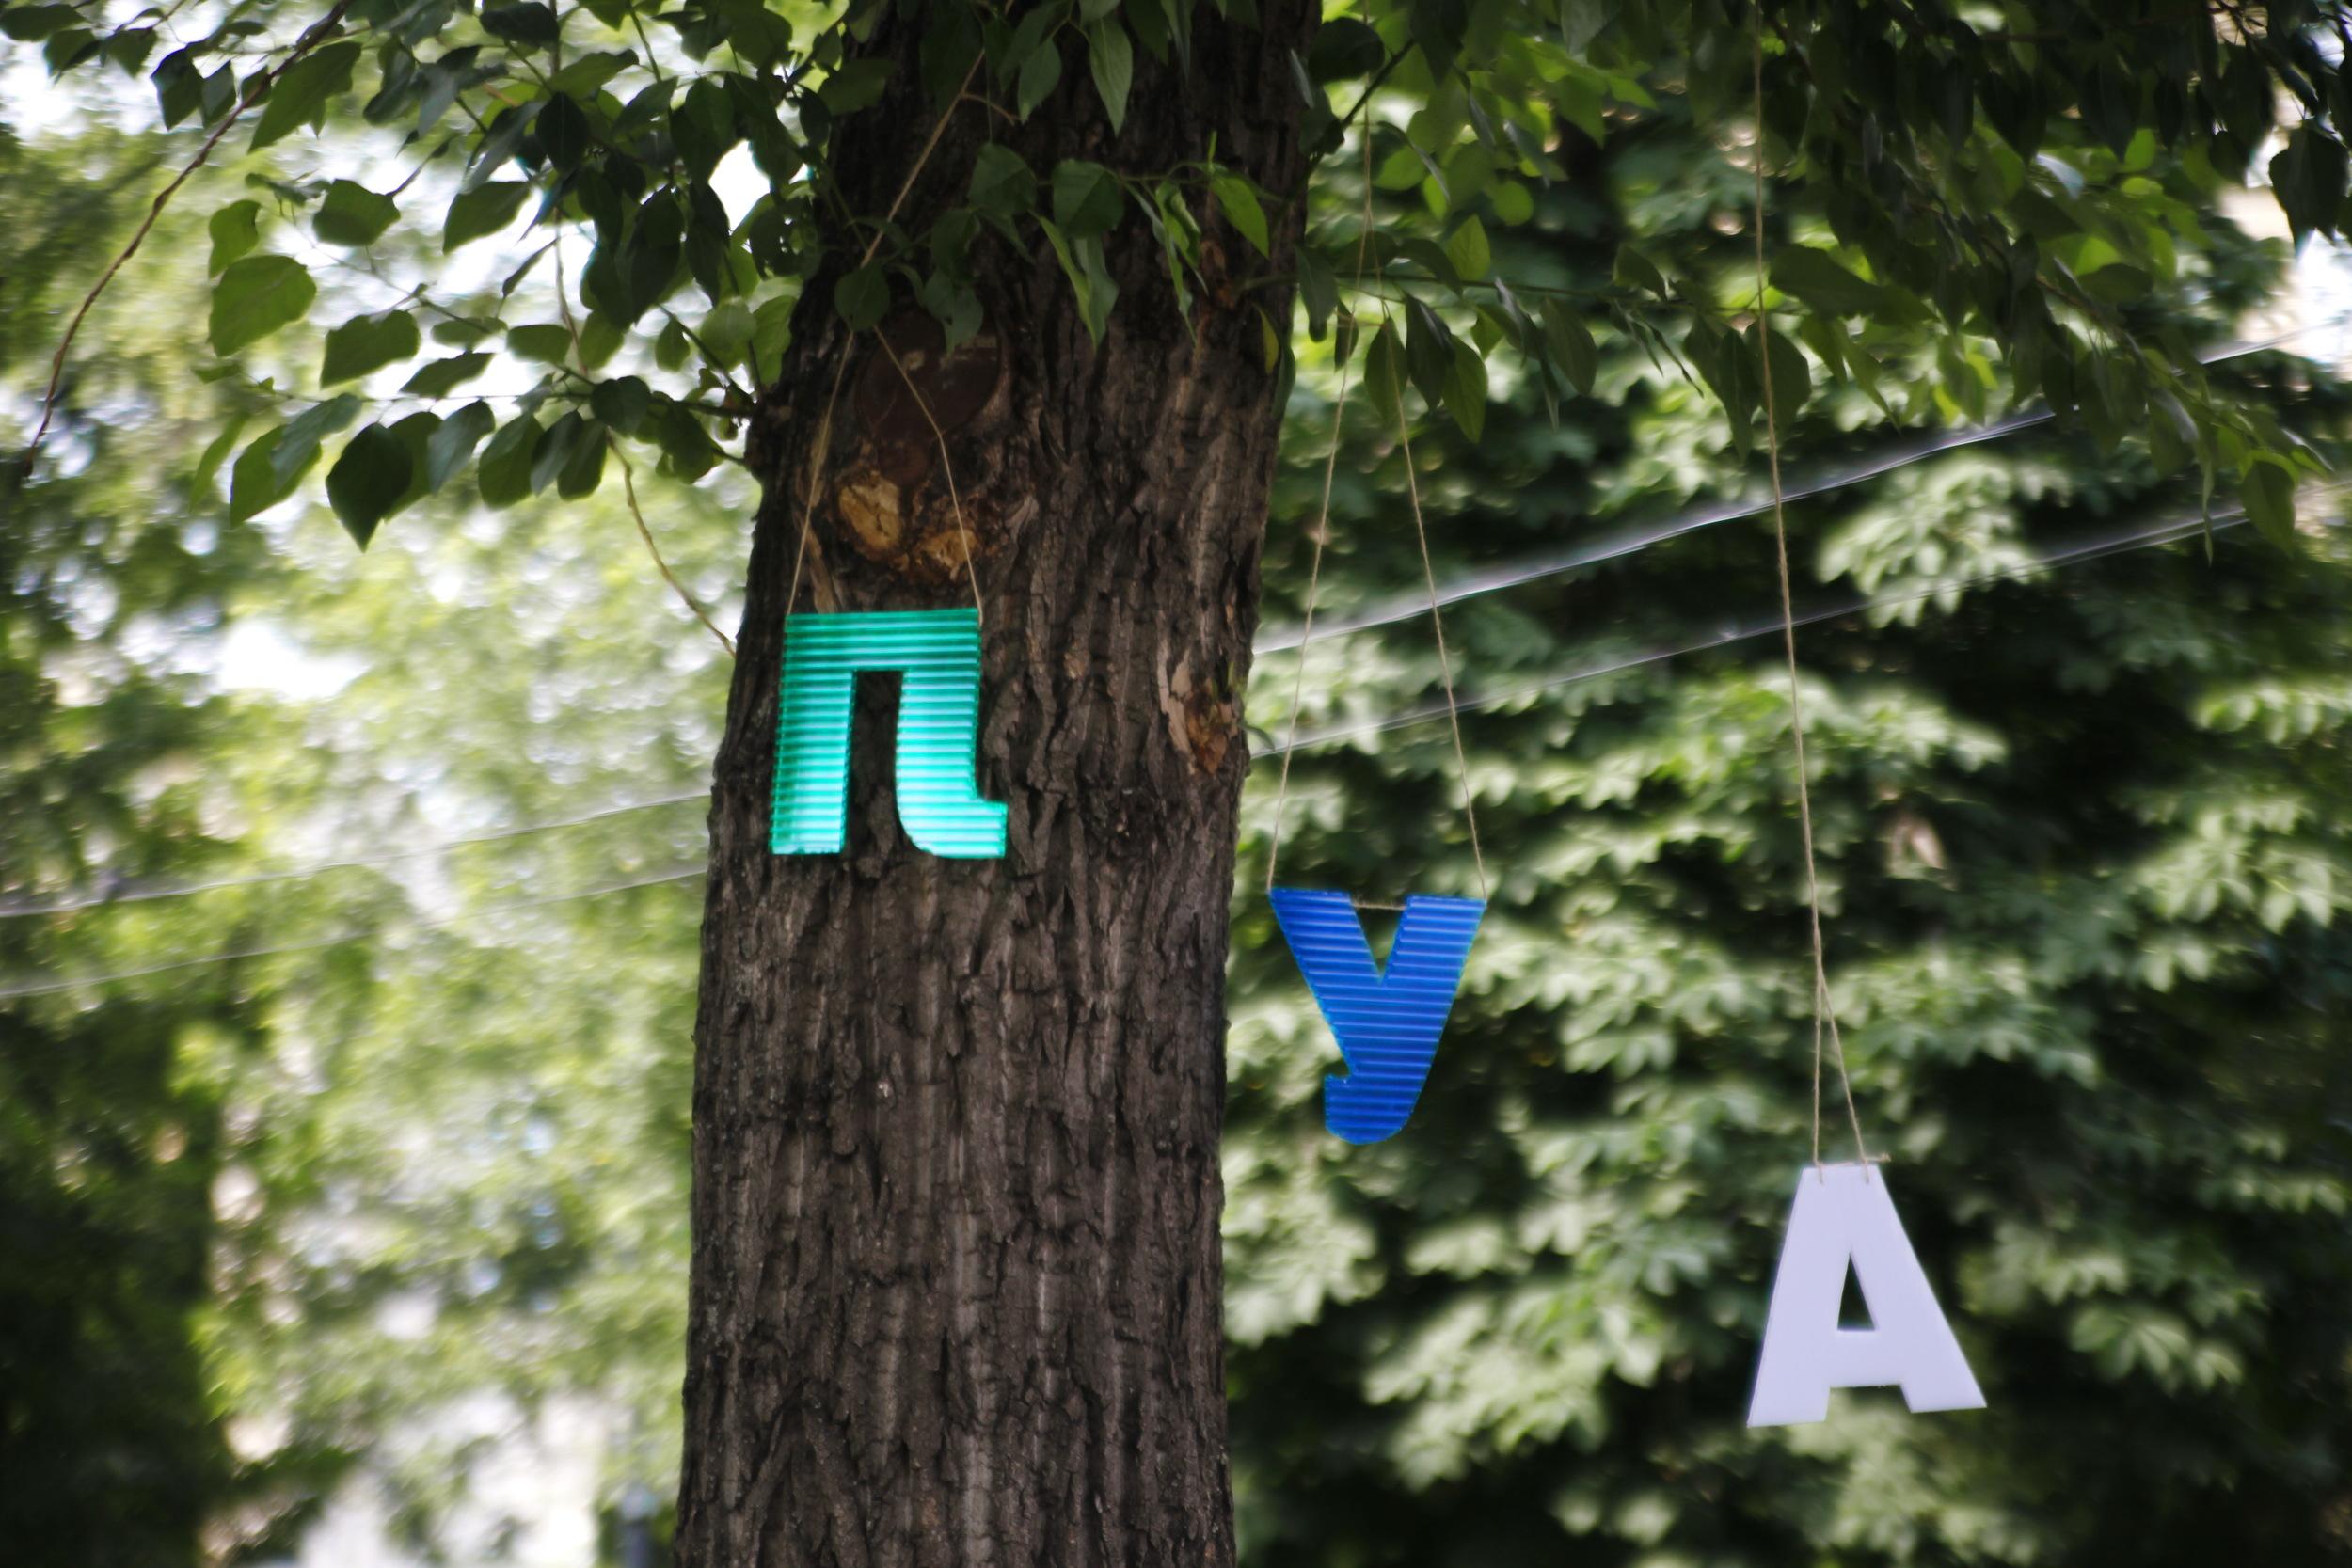 Украсили деревья буквами